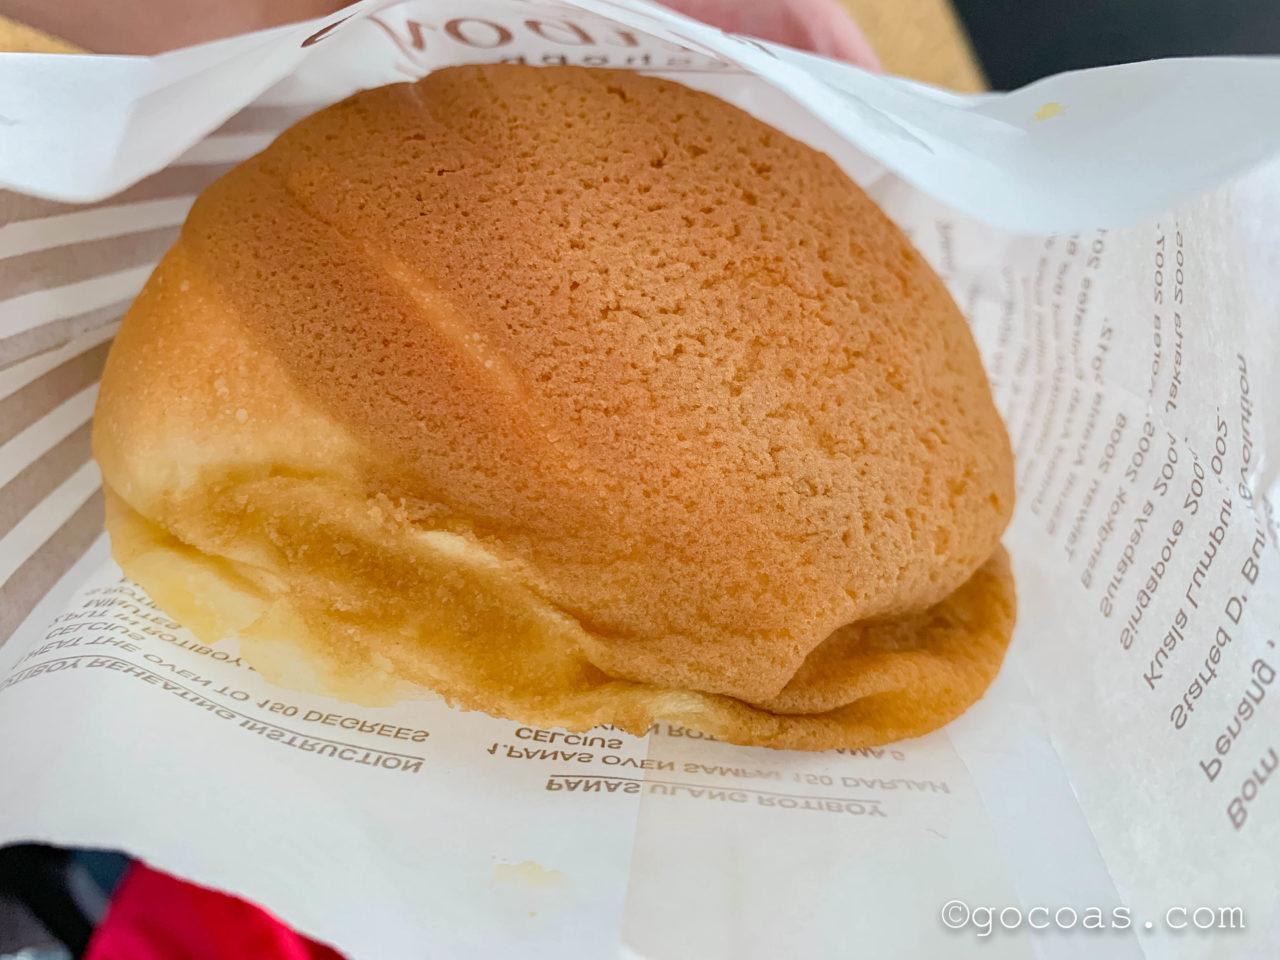 マレー鉄道のJBセントラル駅構内に並ぶRotiboyで買ったパン